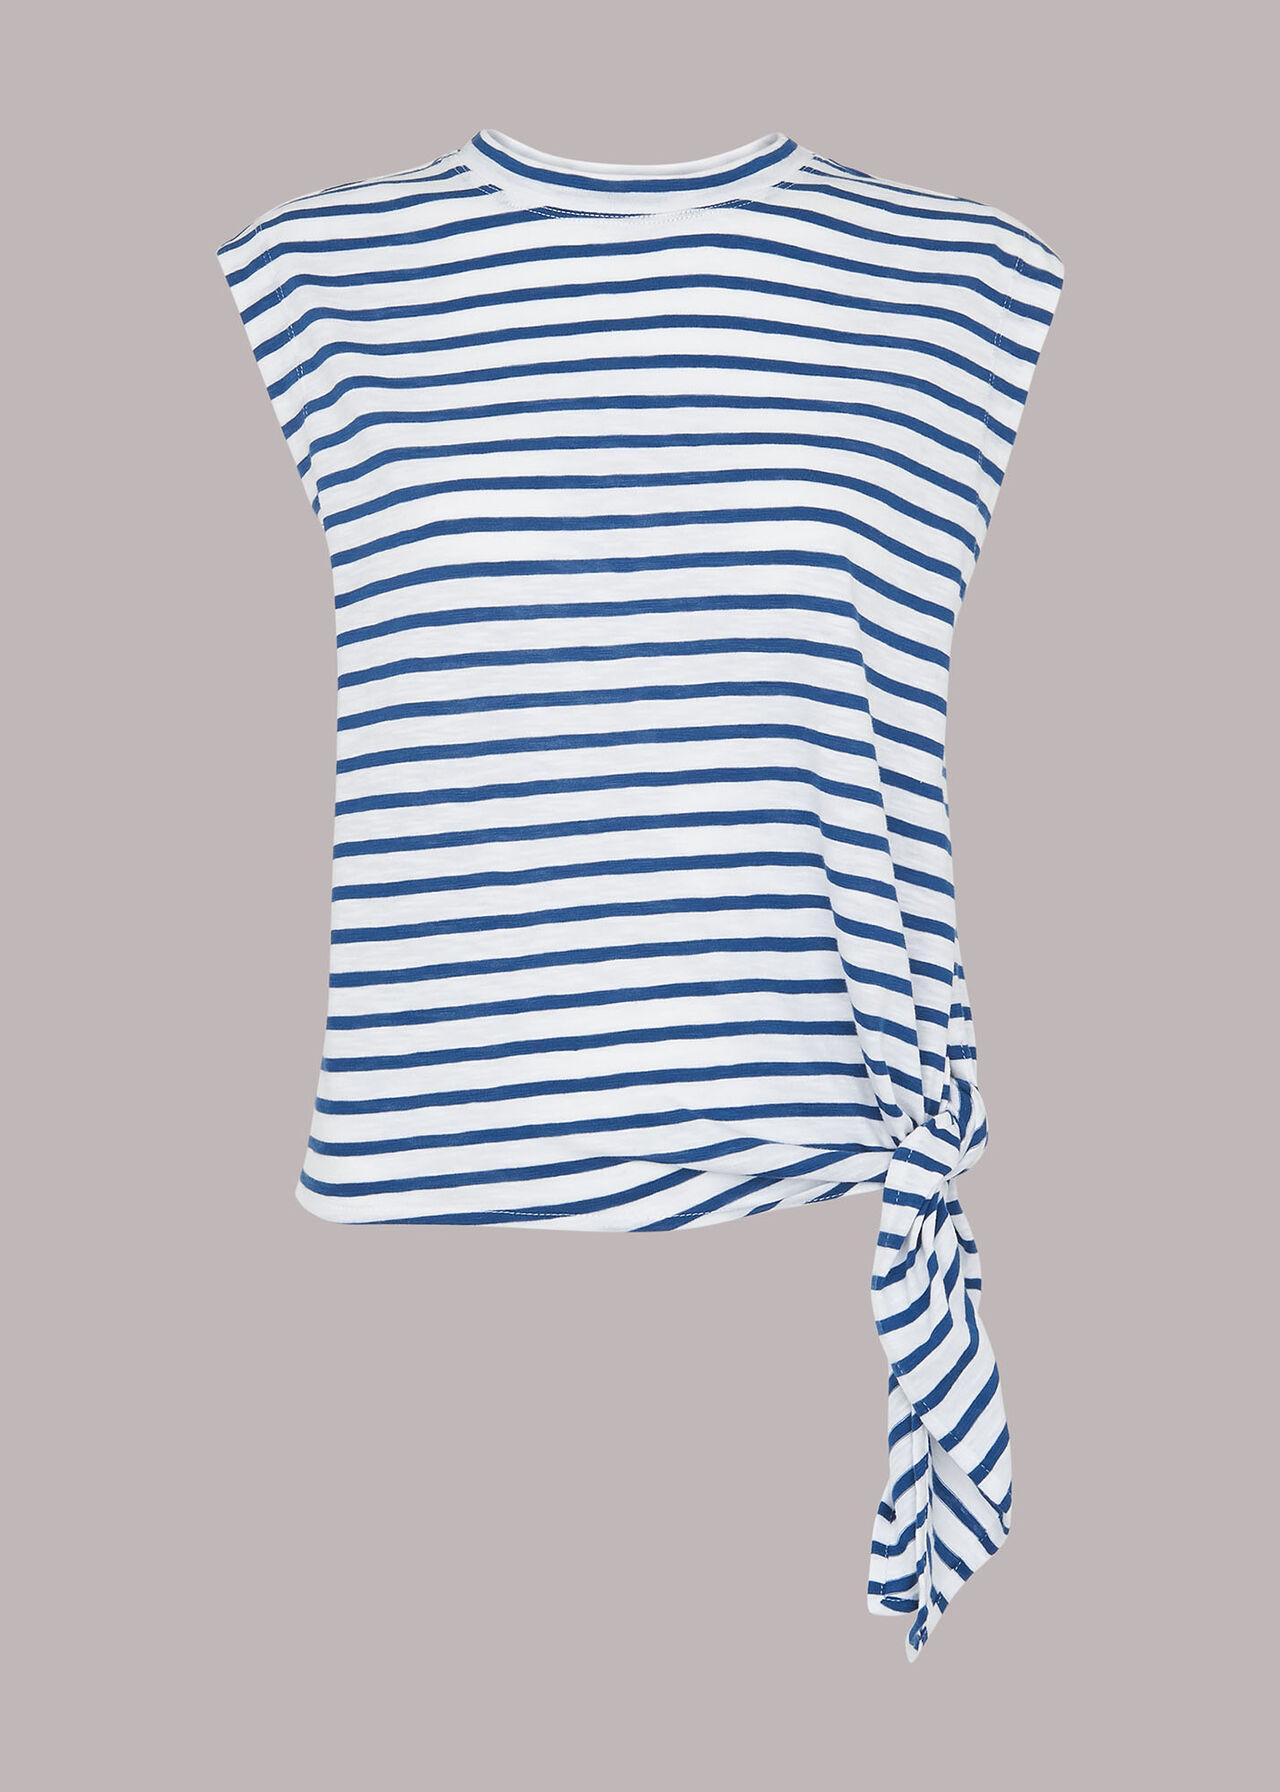 Stripe Sleeveless Side Tie Top